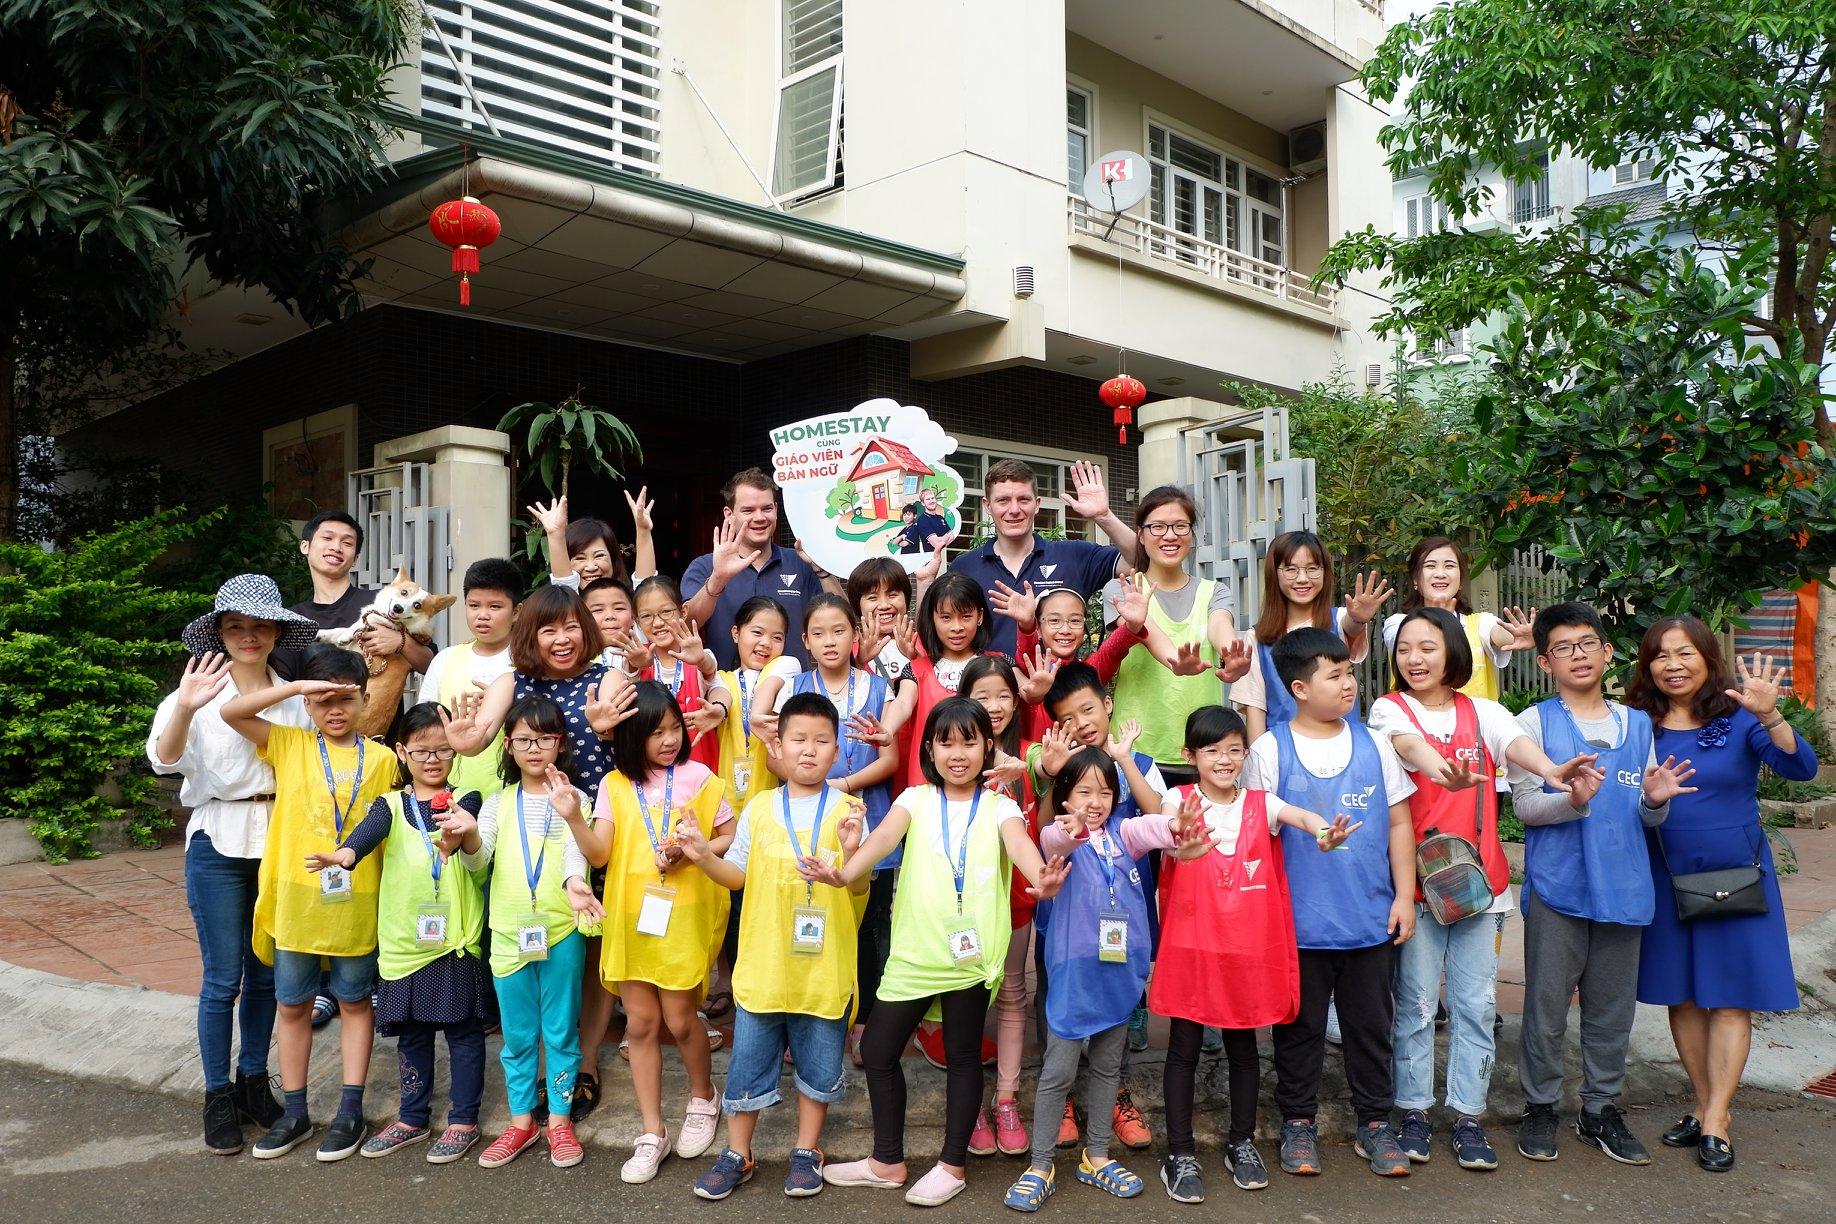 CEC trung tâm tiếng anh trẻ em chất lượng cao tại Hà Nội